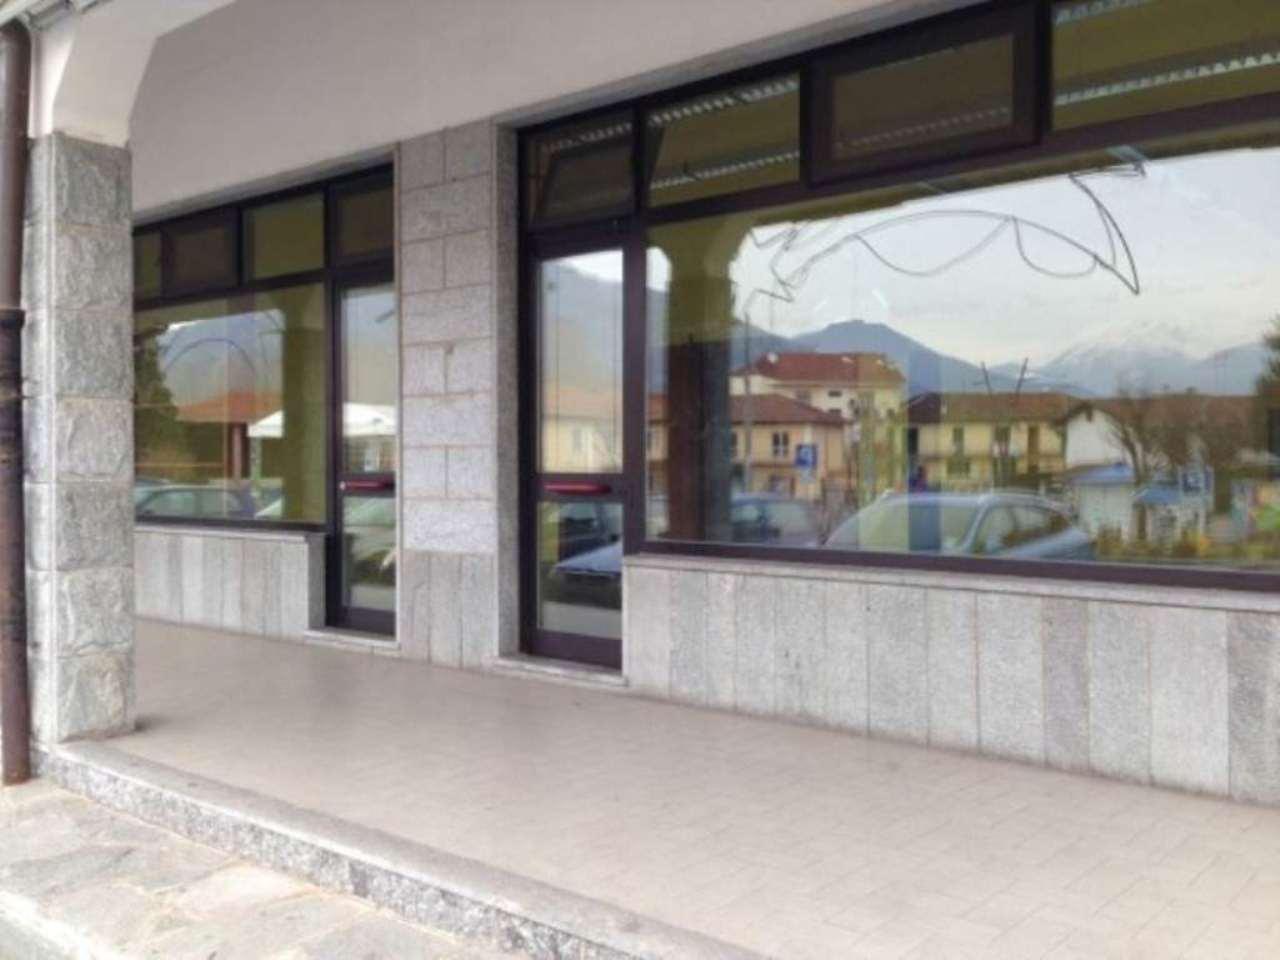 Negozio / Locale in affitto a Rosta, 1 locali, prezzo € 700 | CambioCasa.it